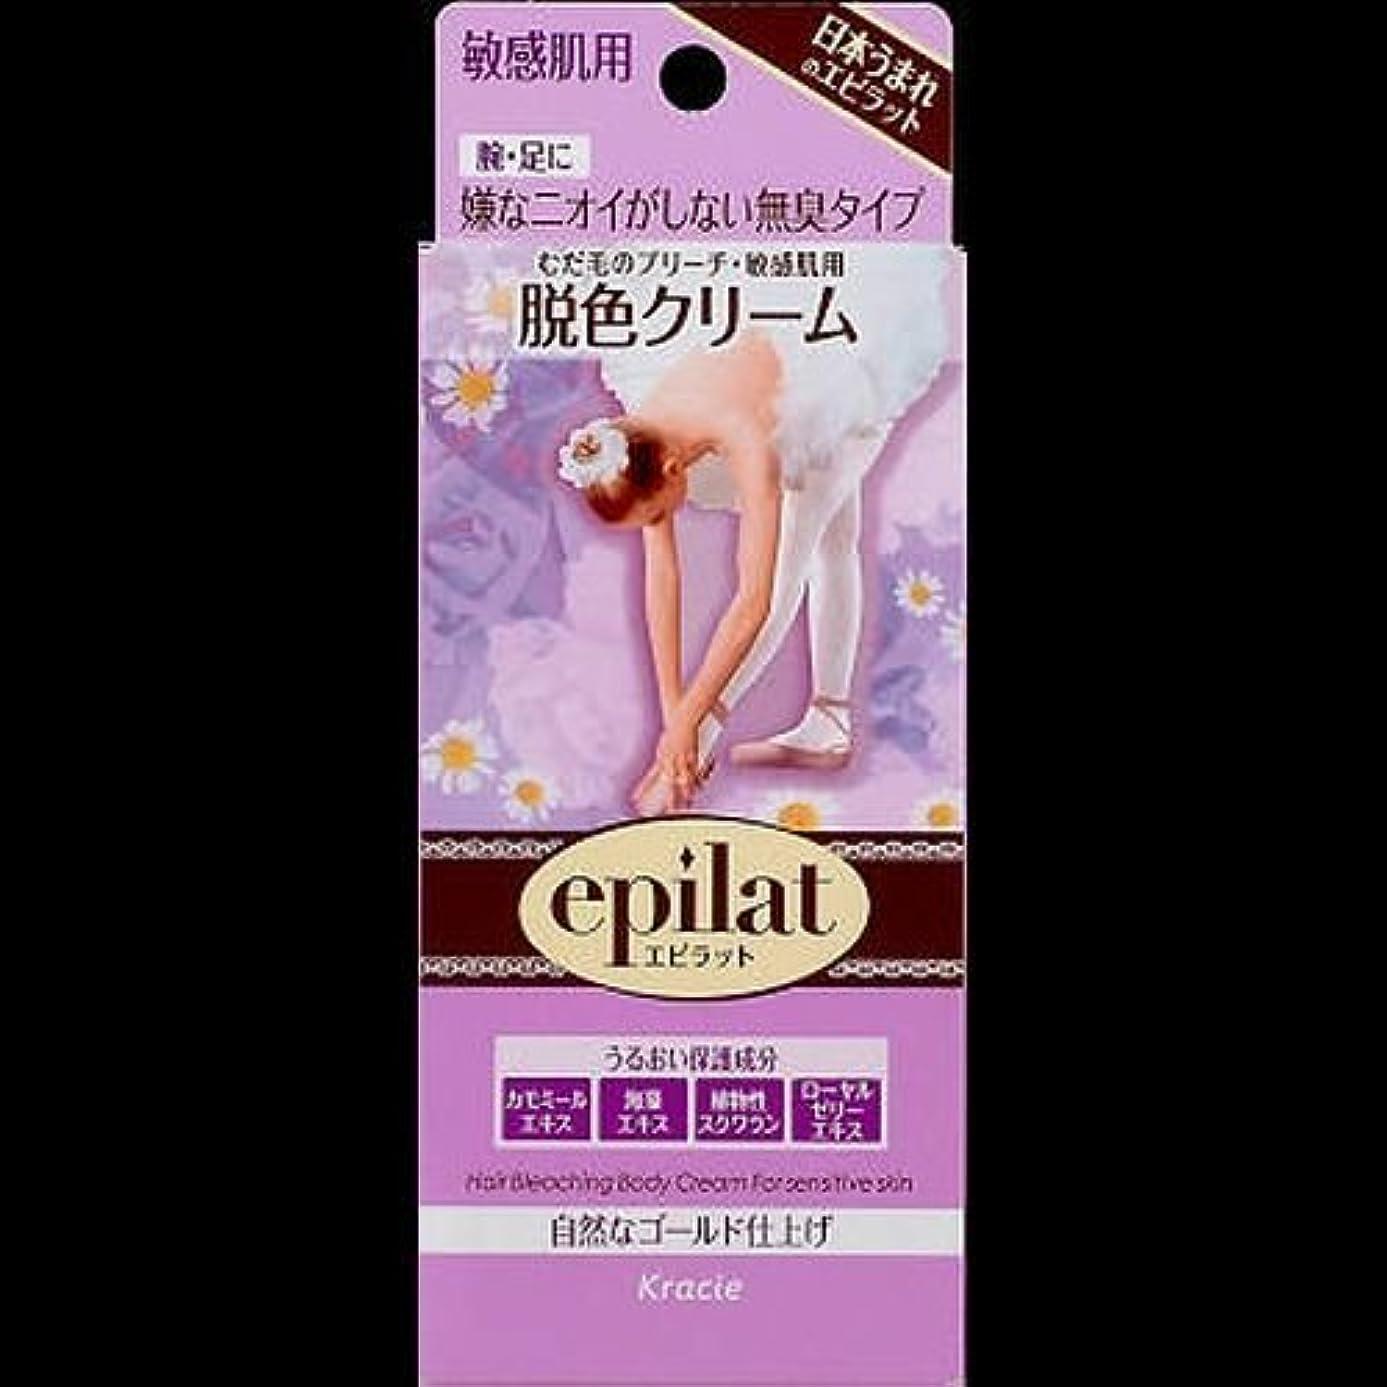 【まとめ買い】エピラット 脱色クリーム 敏感肌用 55g+55g ×2セット